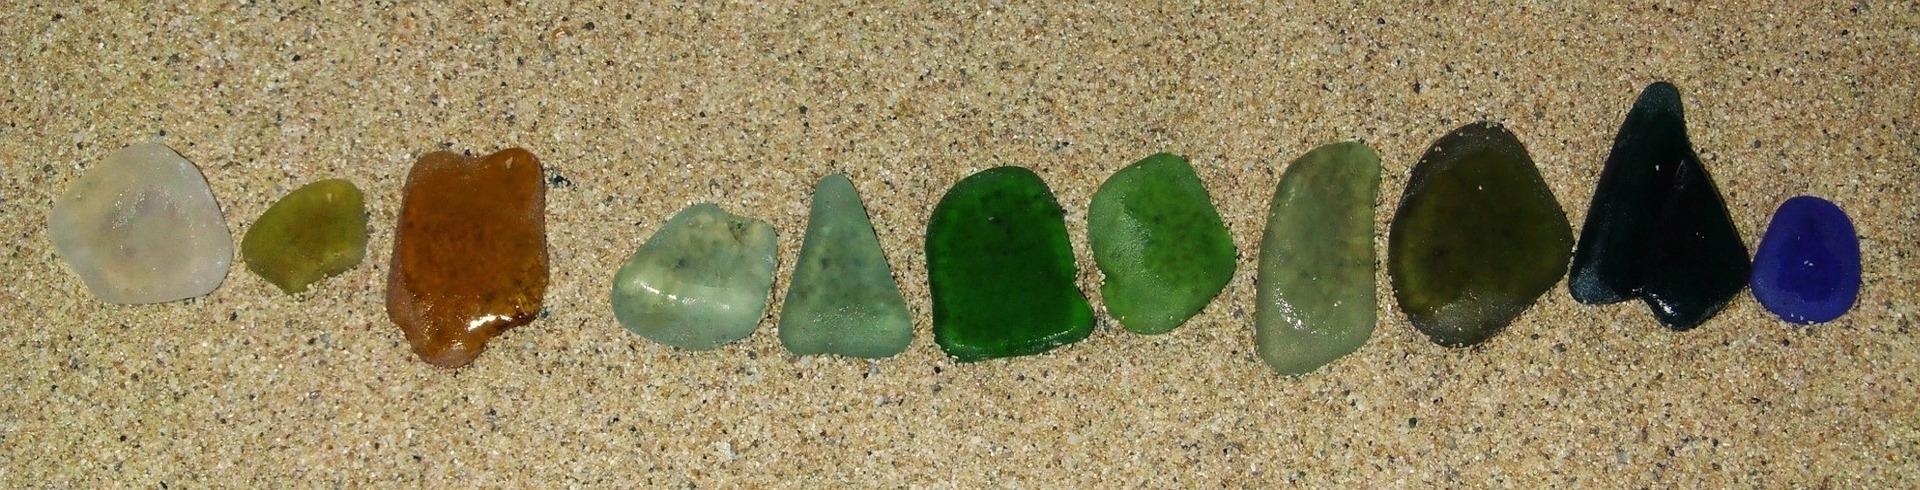 Meerglas gibt es in den unterschiedlichsten Farben